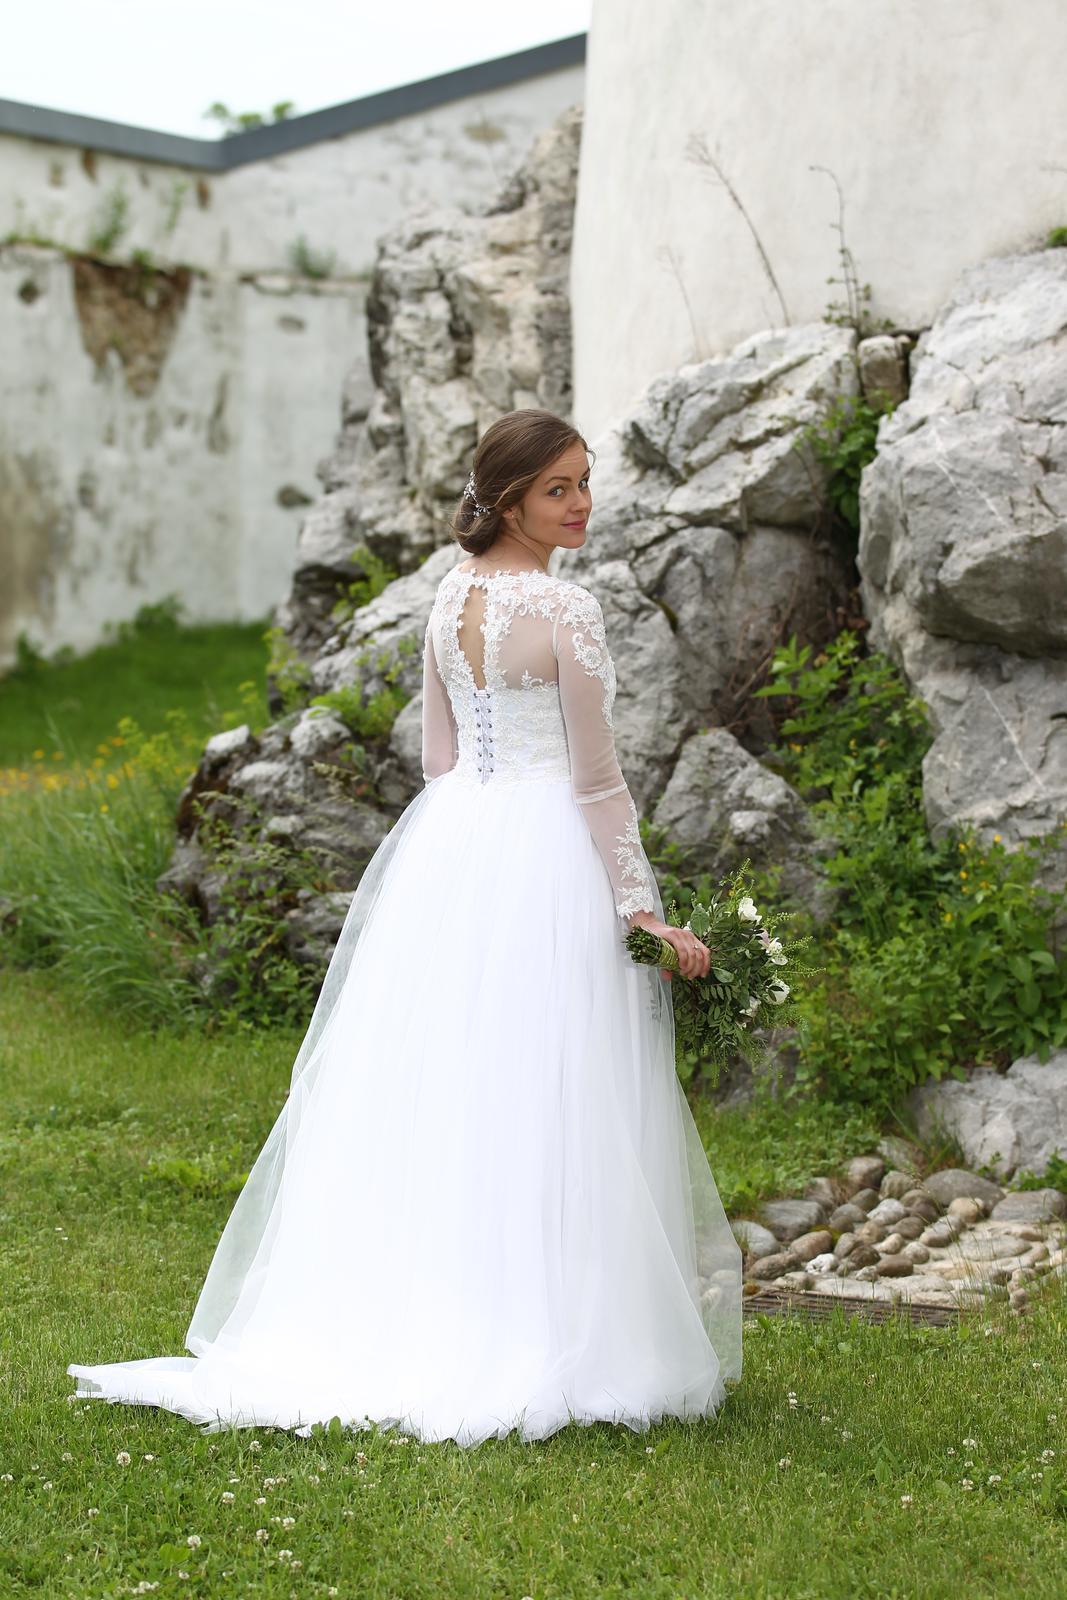 Svadobné šaty s tylovou sukňou a čipkou - Obrázok č. 1